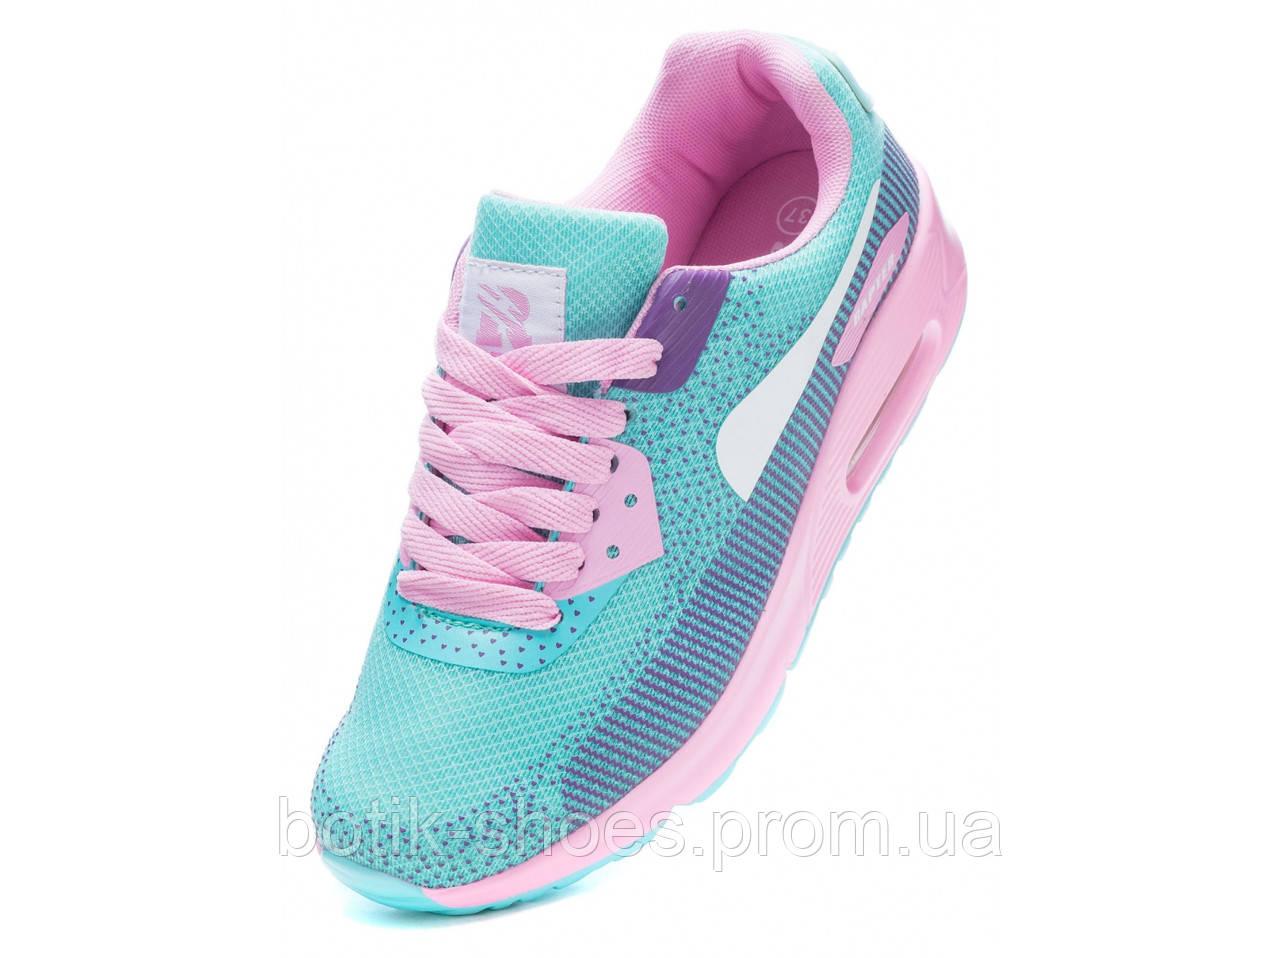 7b079503 Стильные женские бирюзовые кроссовки Nike Air Max 90 Найк Аир Макс 90,  копия - интернет